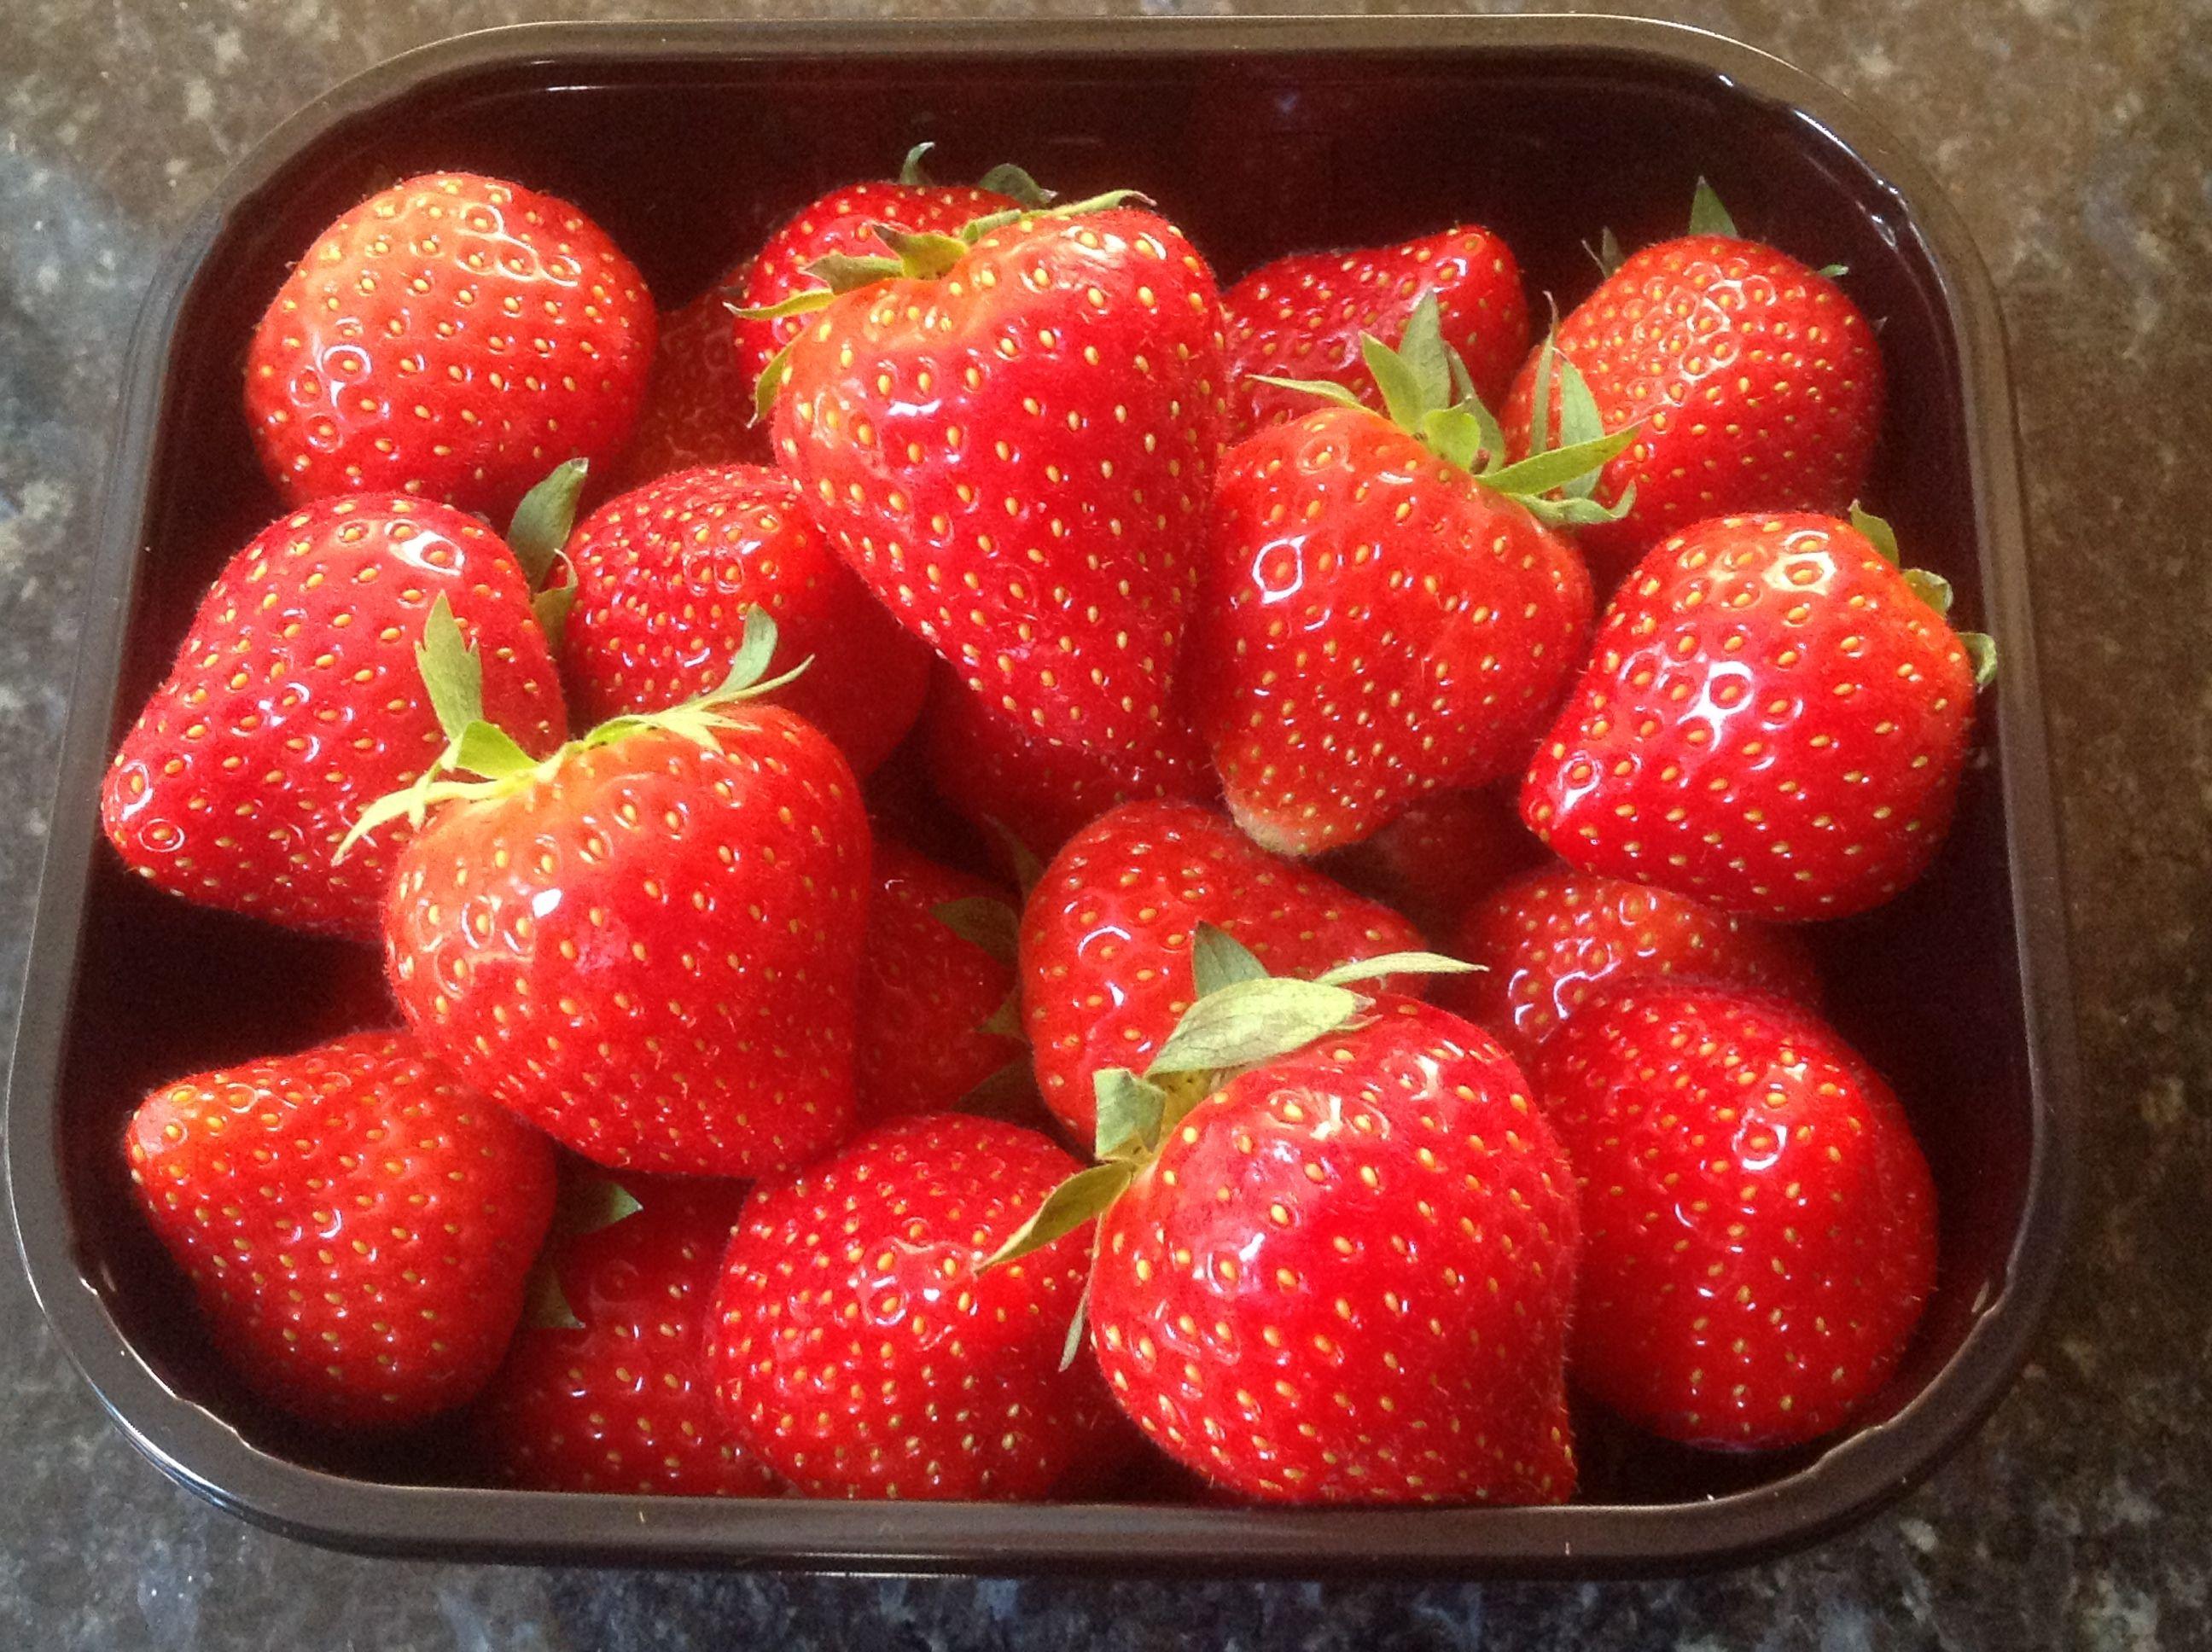 Beautiful shiney strawberries